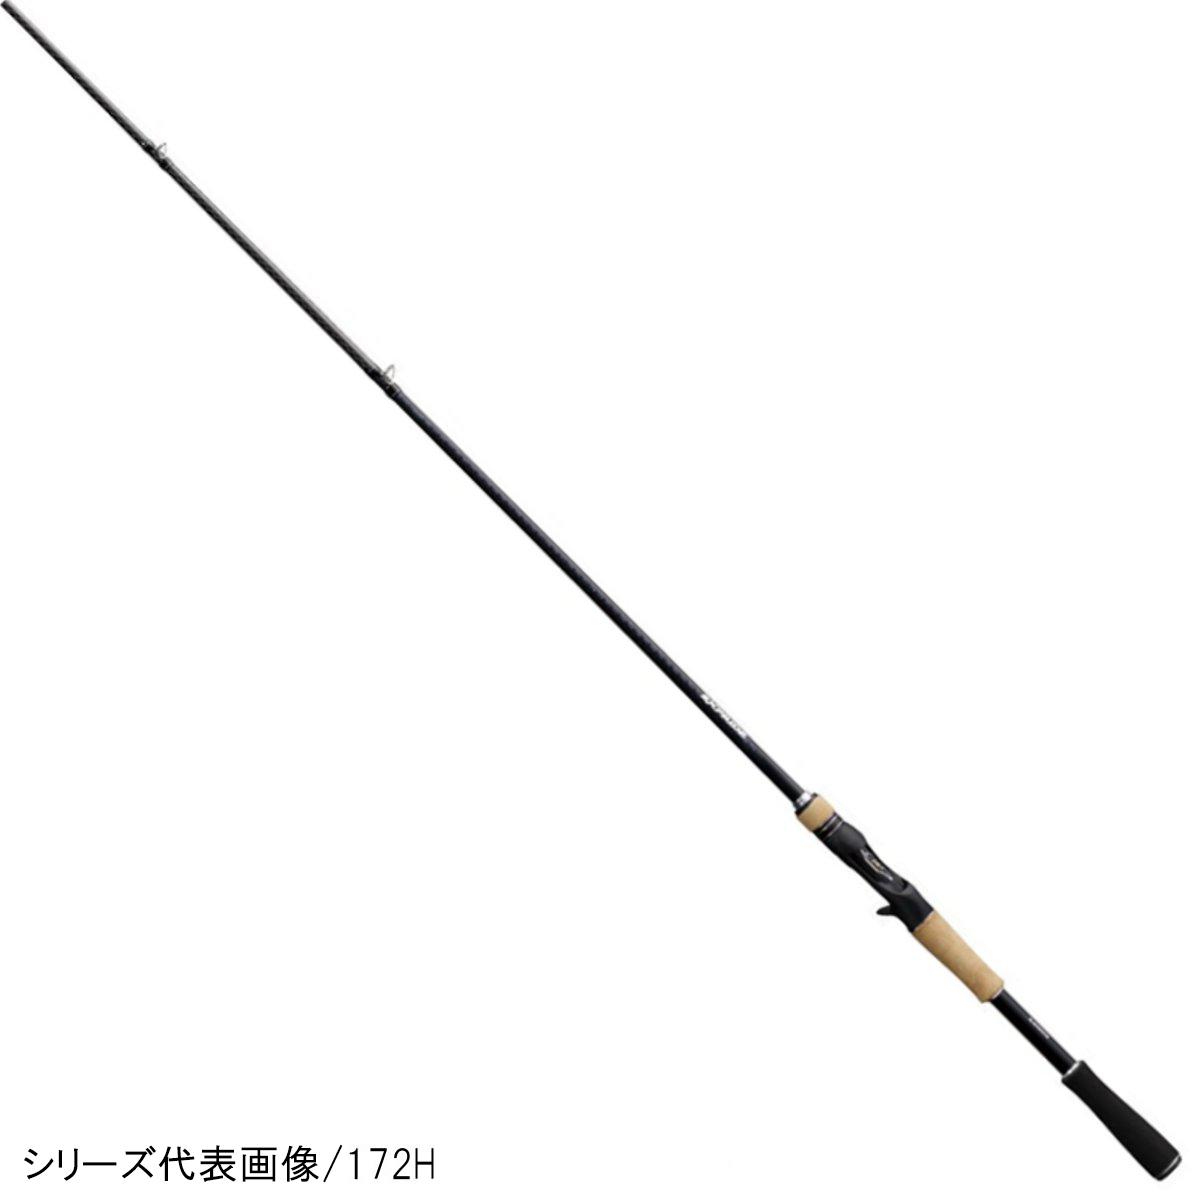 シマノ エクスプライド 170M-G【大型商品】